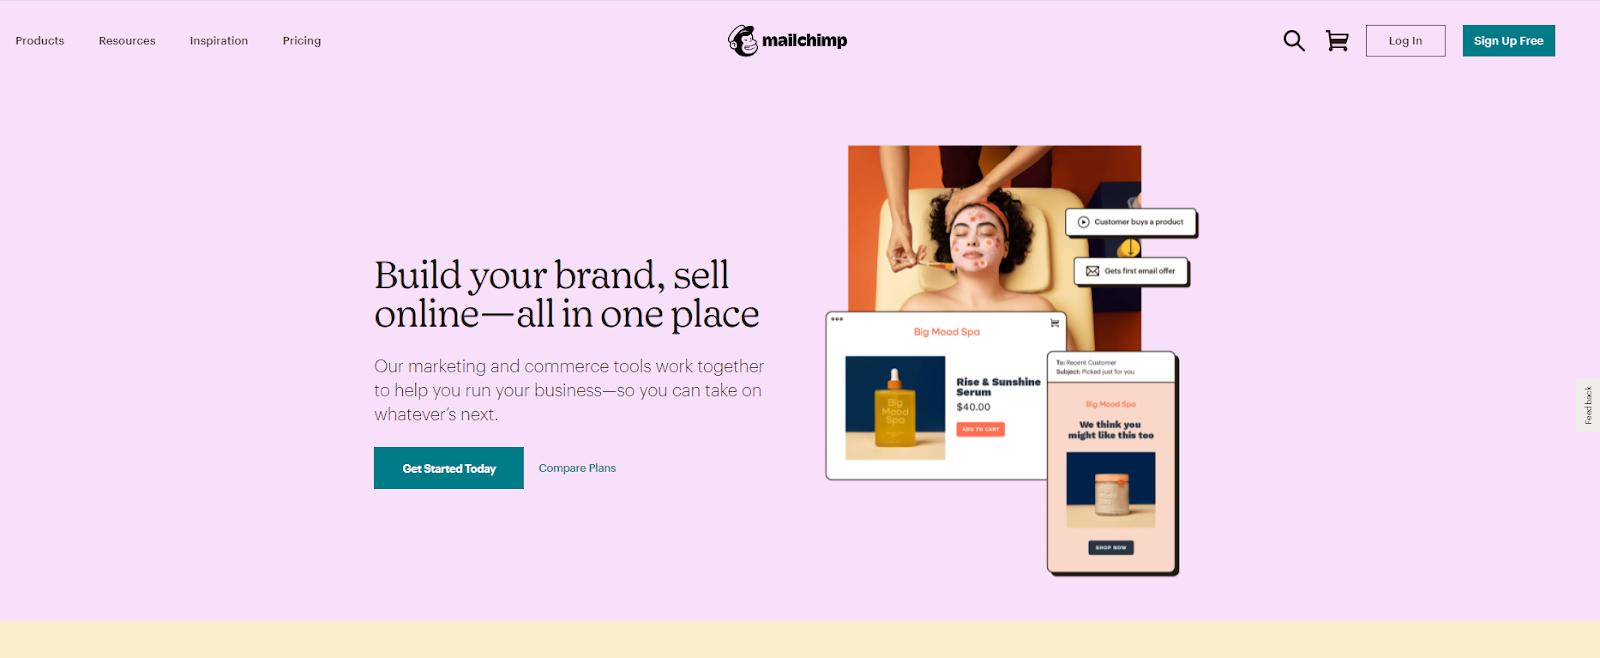 Mailchimp website layout